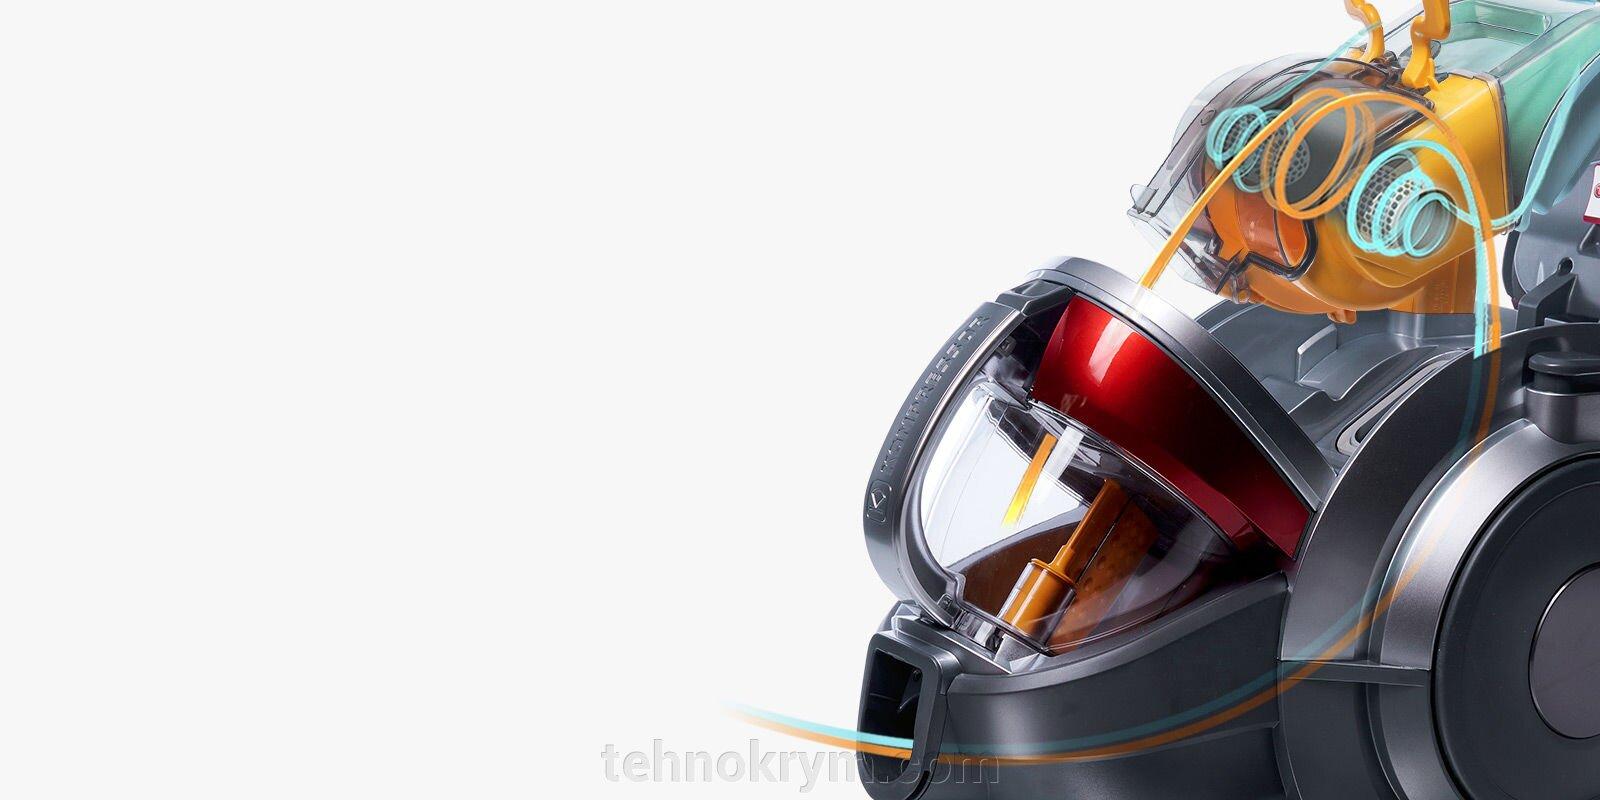 Пылесос LG VK89682HU, 1800Вт, красный - фото LG VK89682HU